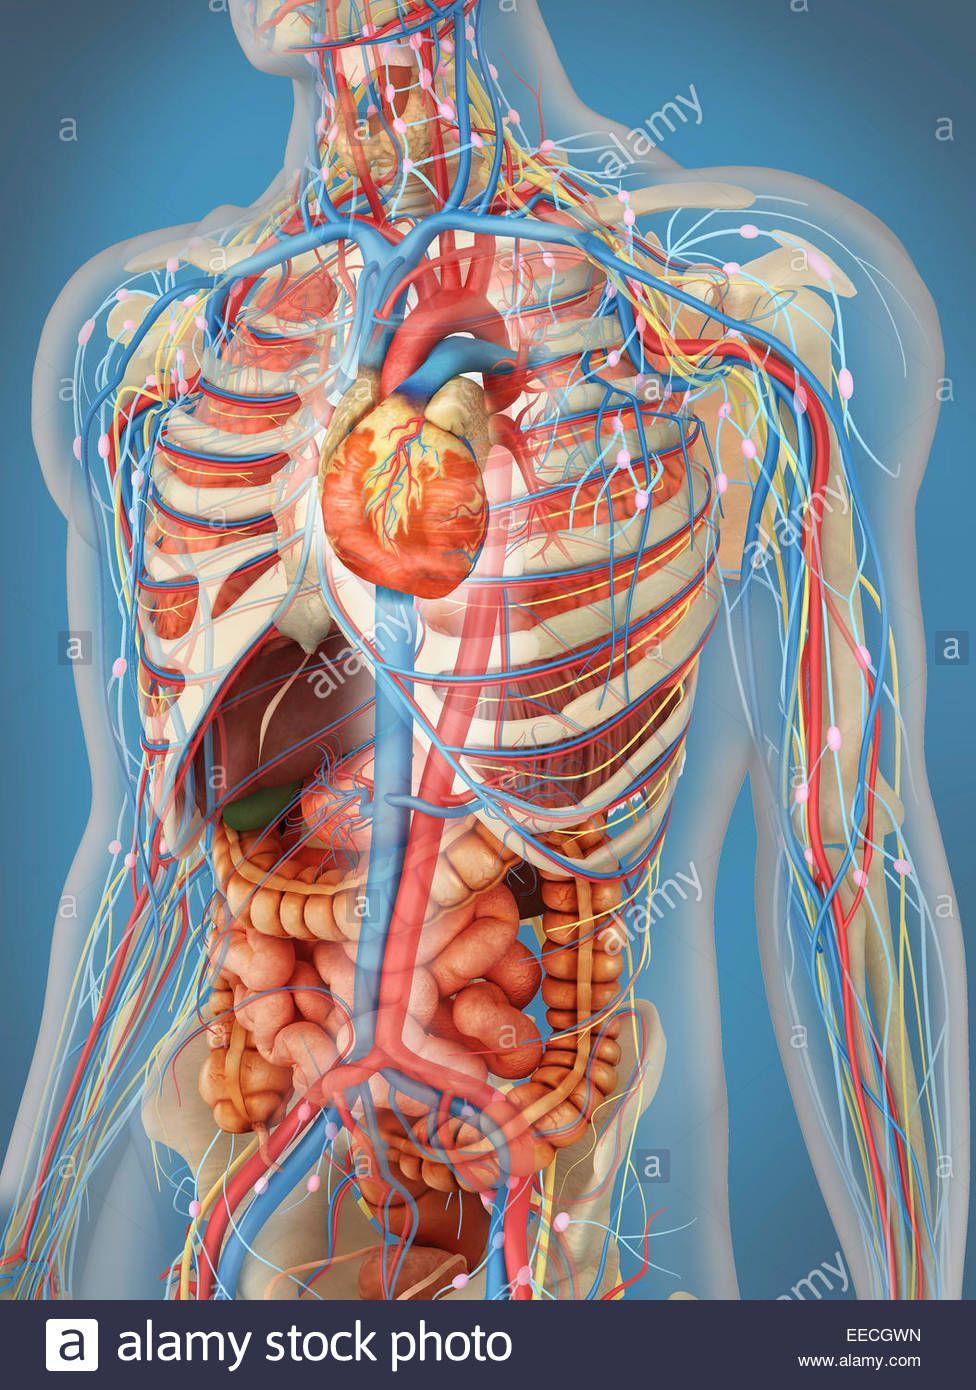 Transparent Human Body Showing Heart And Main Circulatory System Position Eecgwn Anatomía Del Esqueleto Humano Cuerpo Humano Anatomia Tejidos Del Cuerpo Humano